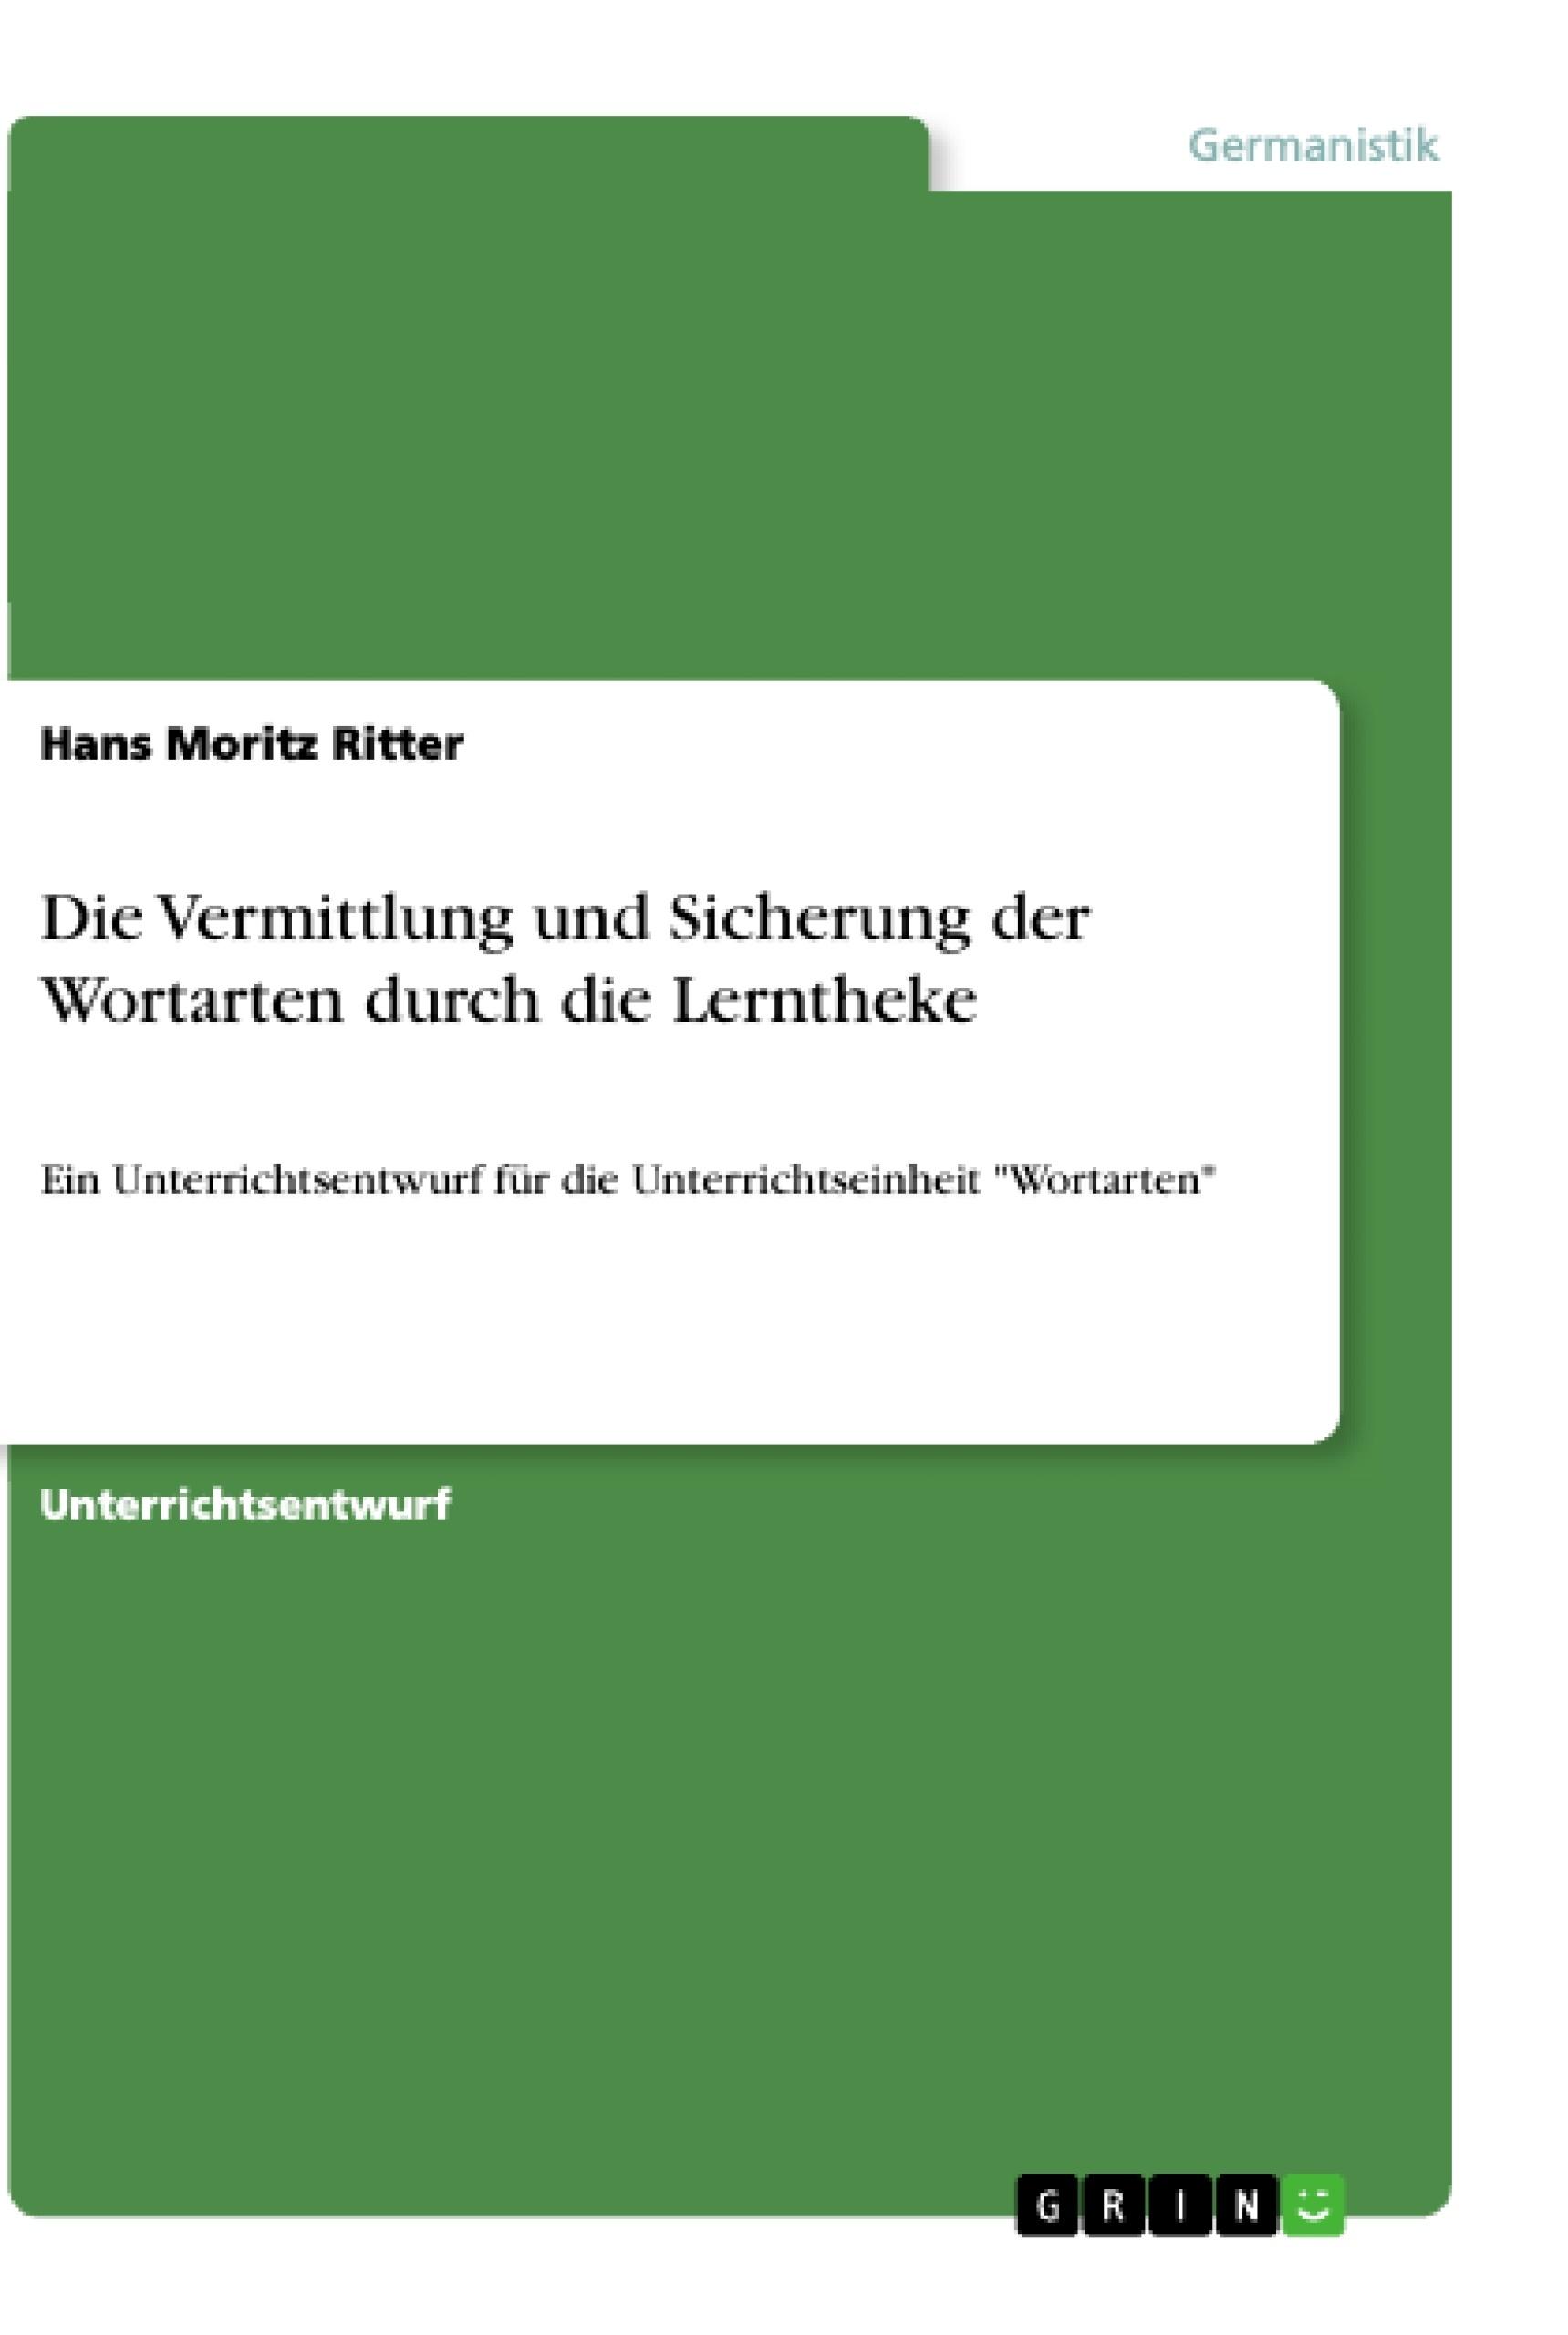 Titel: Die Vermittlung und Sicherung der Wortarten durch die Lerntheke